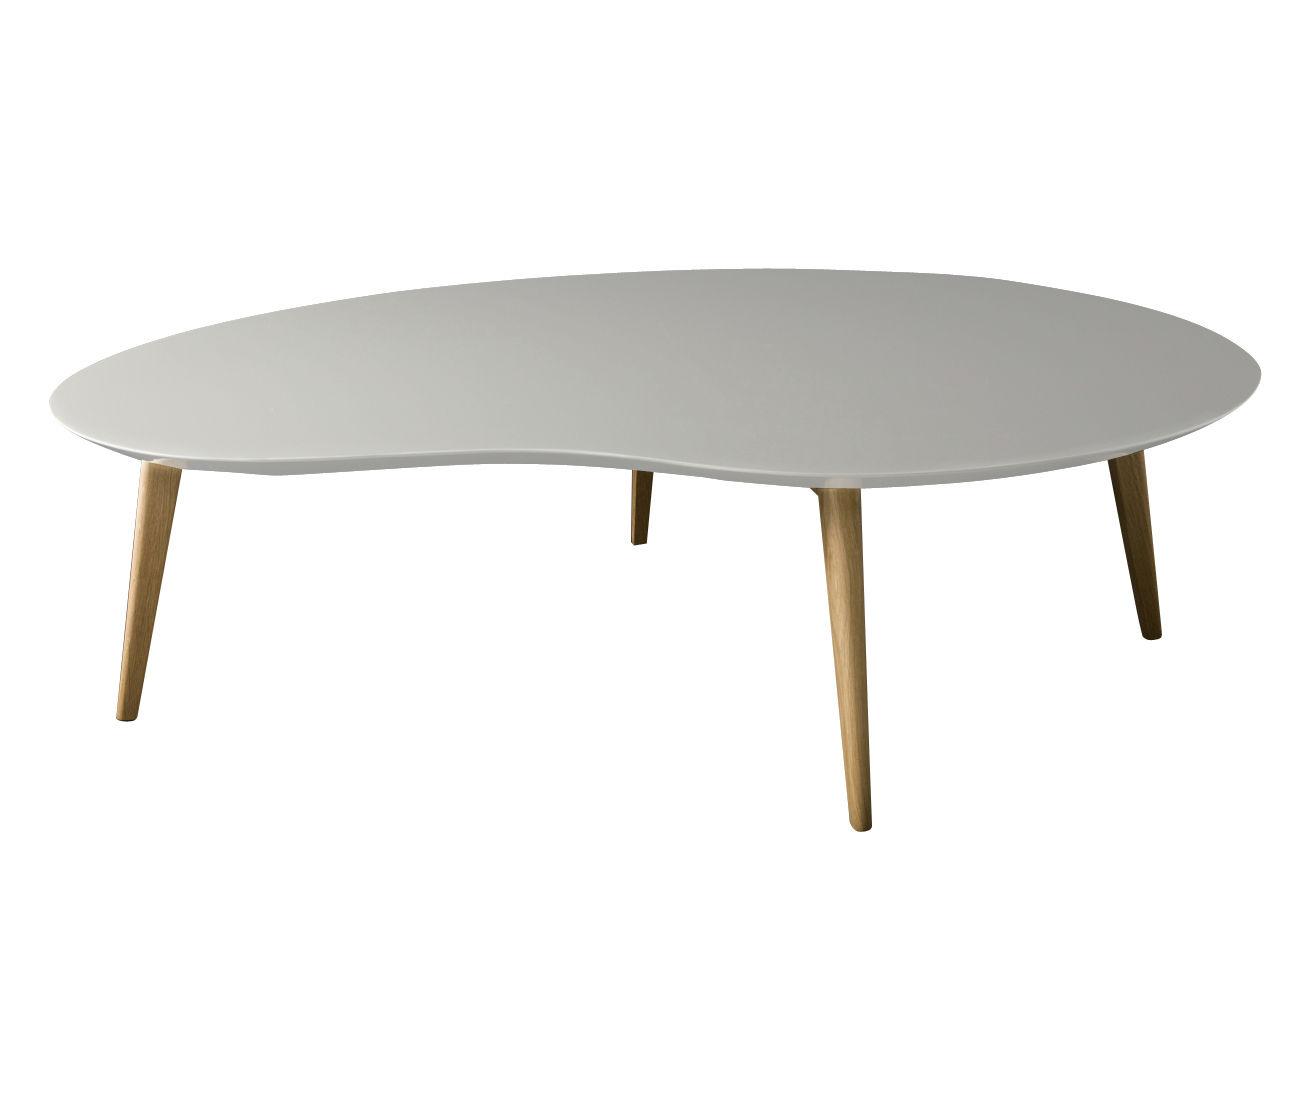 table basse lalinde xxl haricot l 130cm pieds bois gris clair pieds ch ne sentou edition. Black Bedroom Furniture Sets. Home Design Ideas